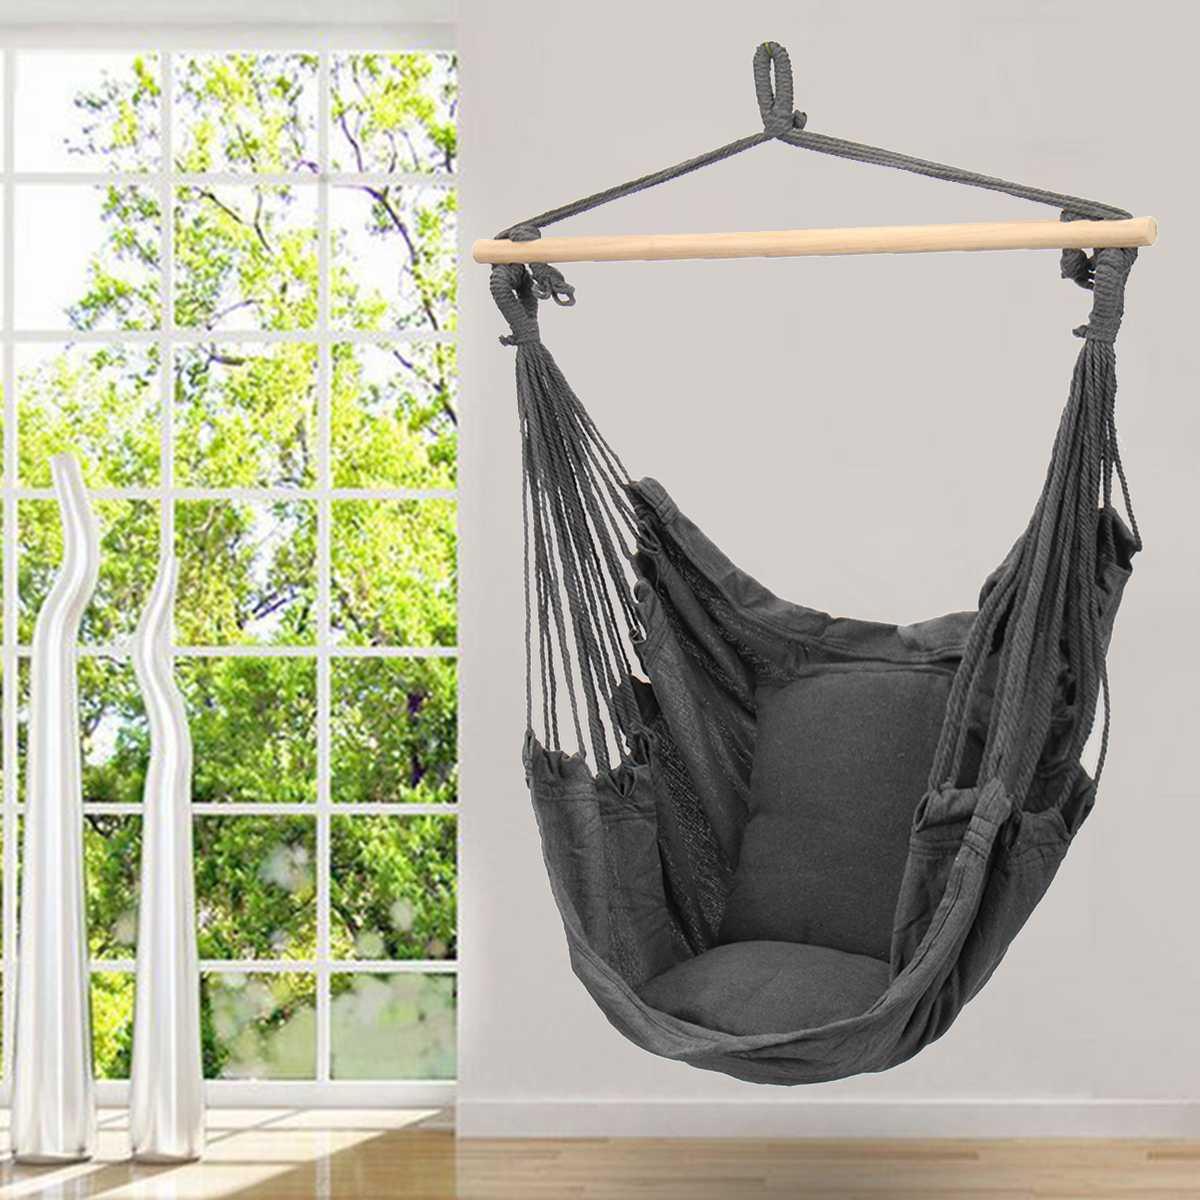 Style nordique hamac extérieur intérieur dortoir chambre pour enfant adulte balançoire chaise suspendue hamac